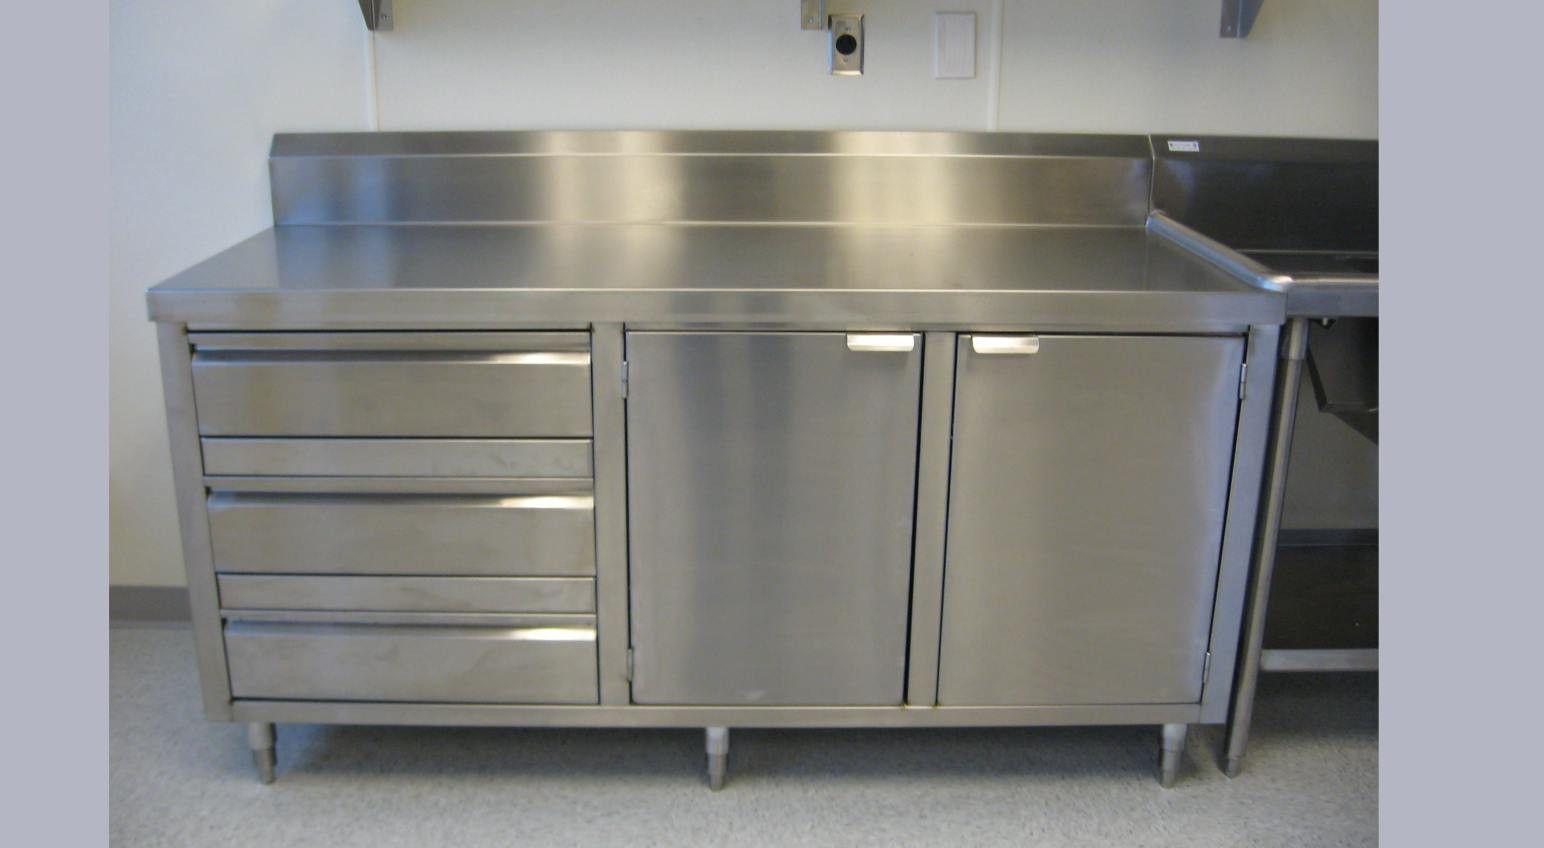 99 Metal Sink Base Cabinet Kitchen Floor Vinyl Ideas Check More At Http Www Steel Kitchen Cabinets Metal Kitchen Cabinets Stainless Steel Kitchen Cabinets